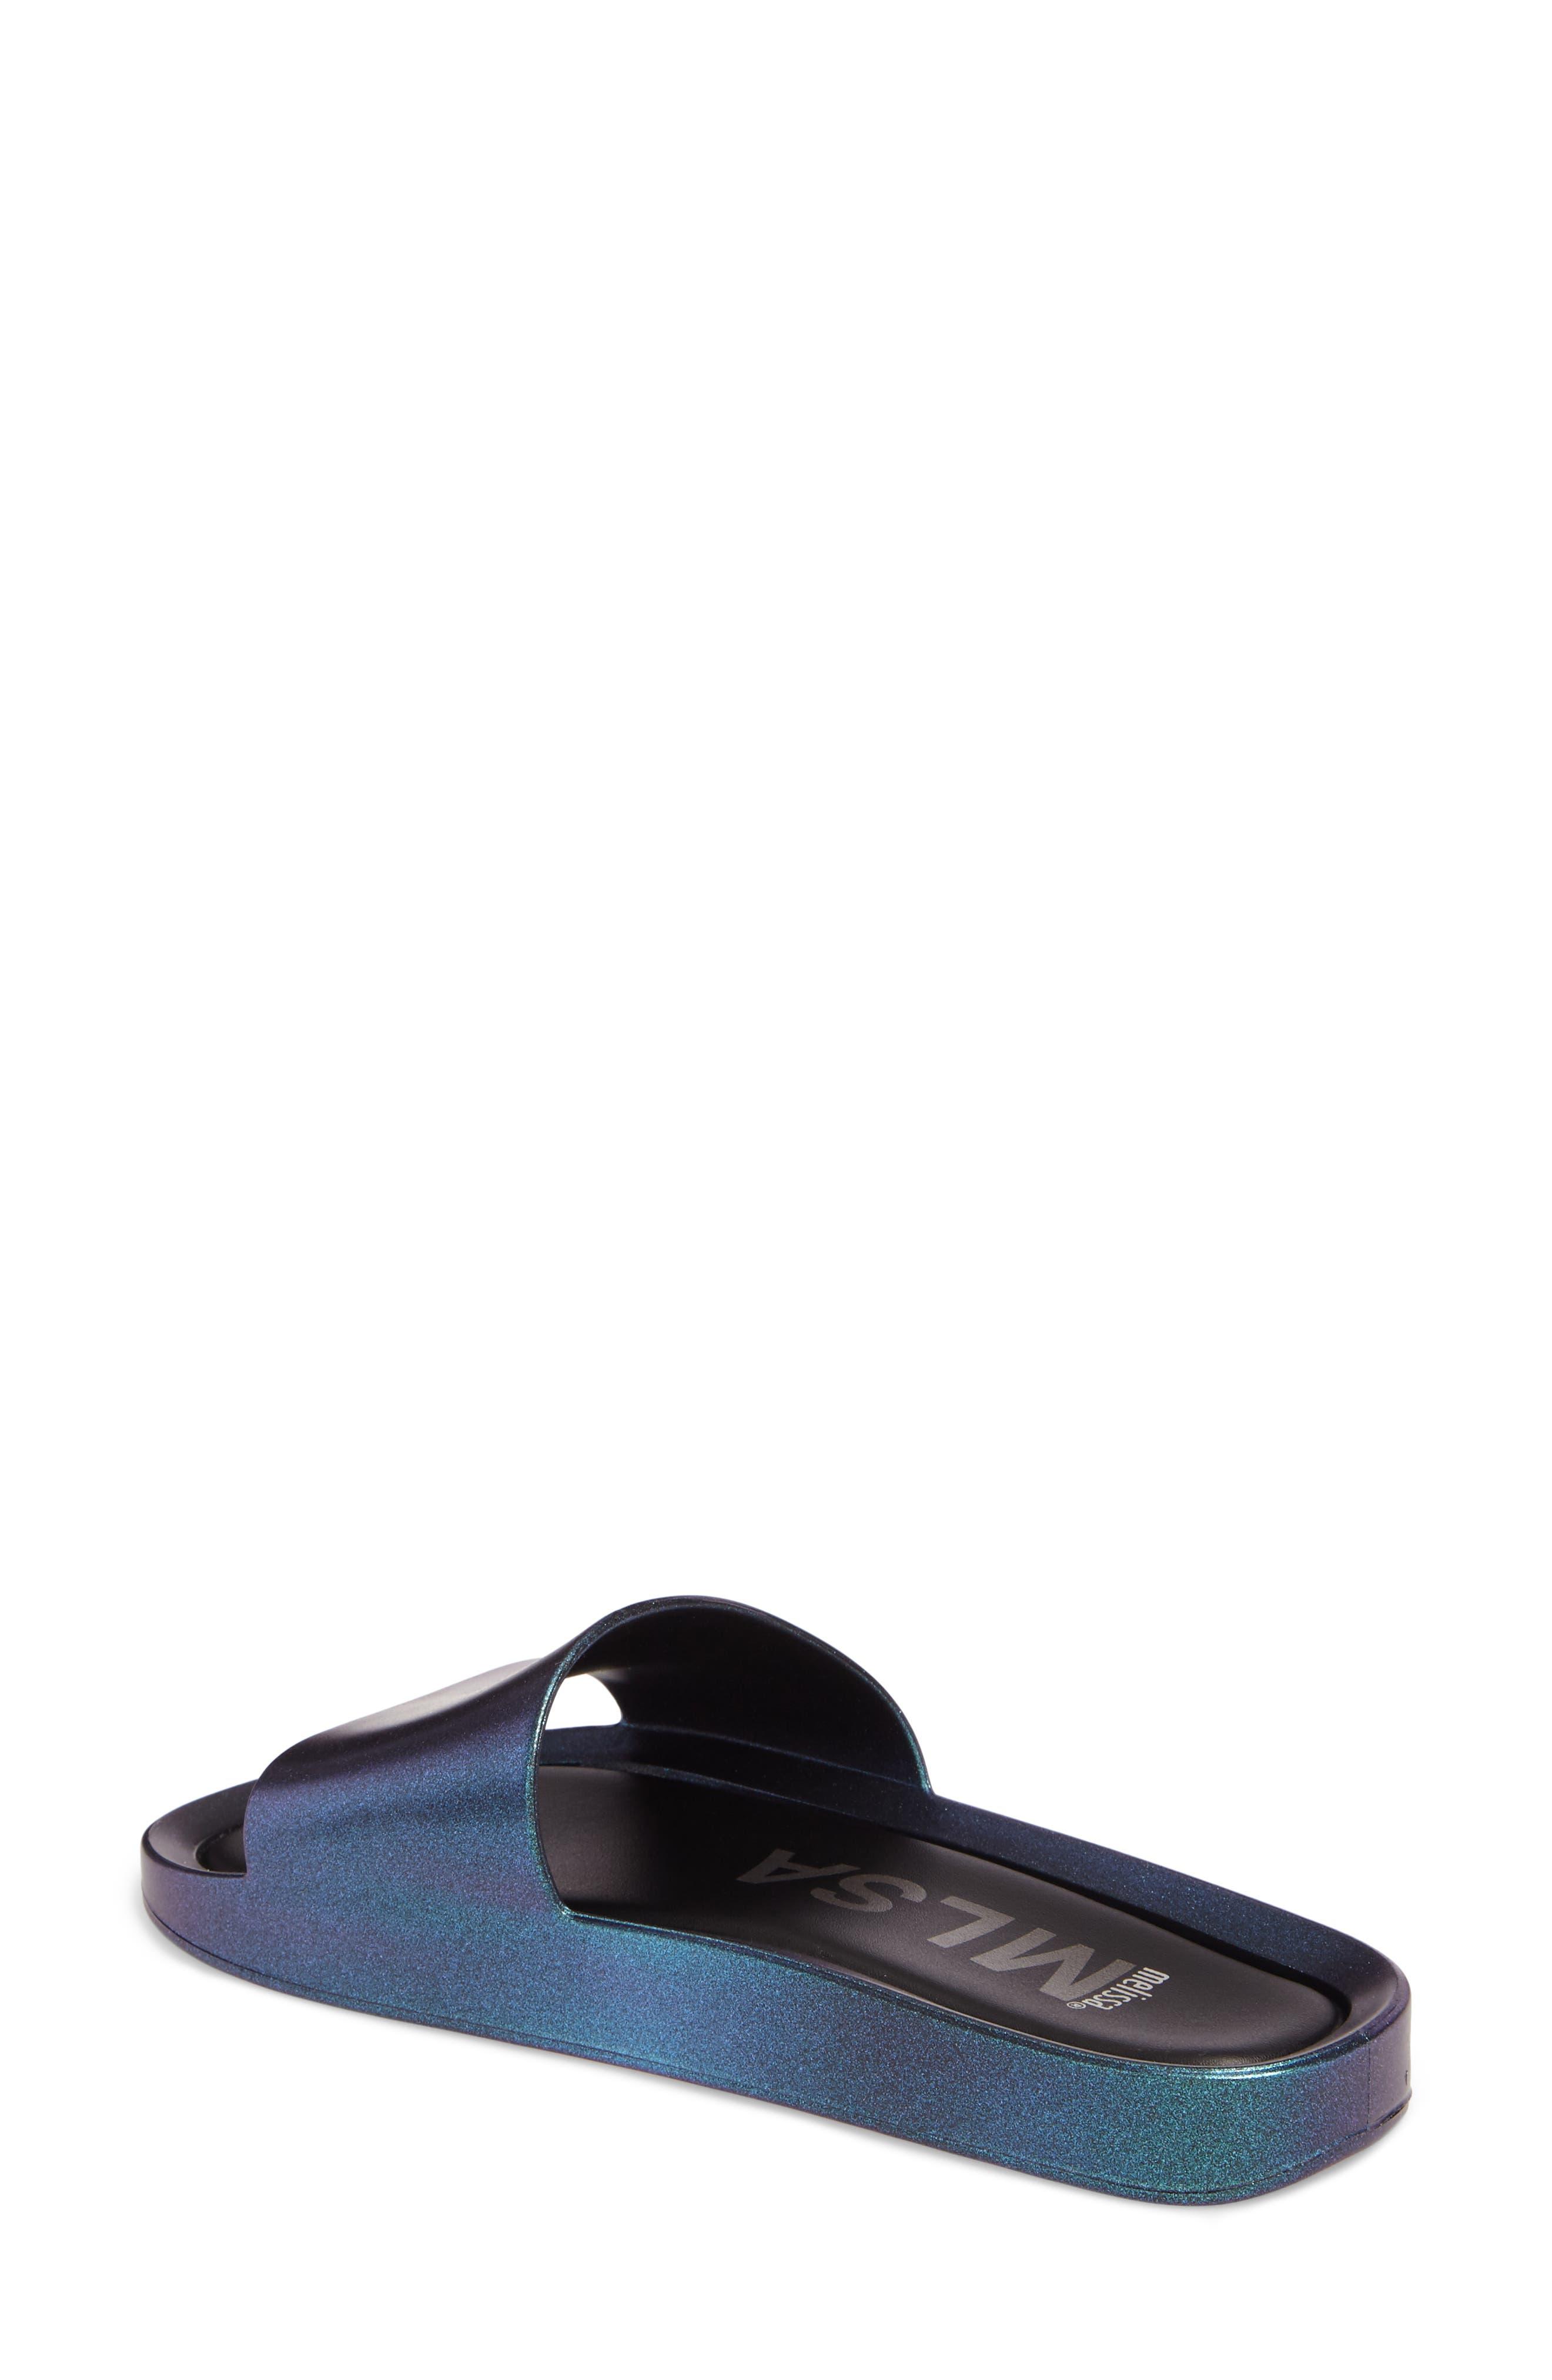 Alternate Image 2  - Melissa Beach Slide Sandal (Women)